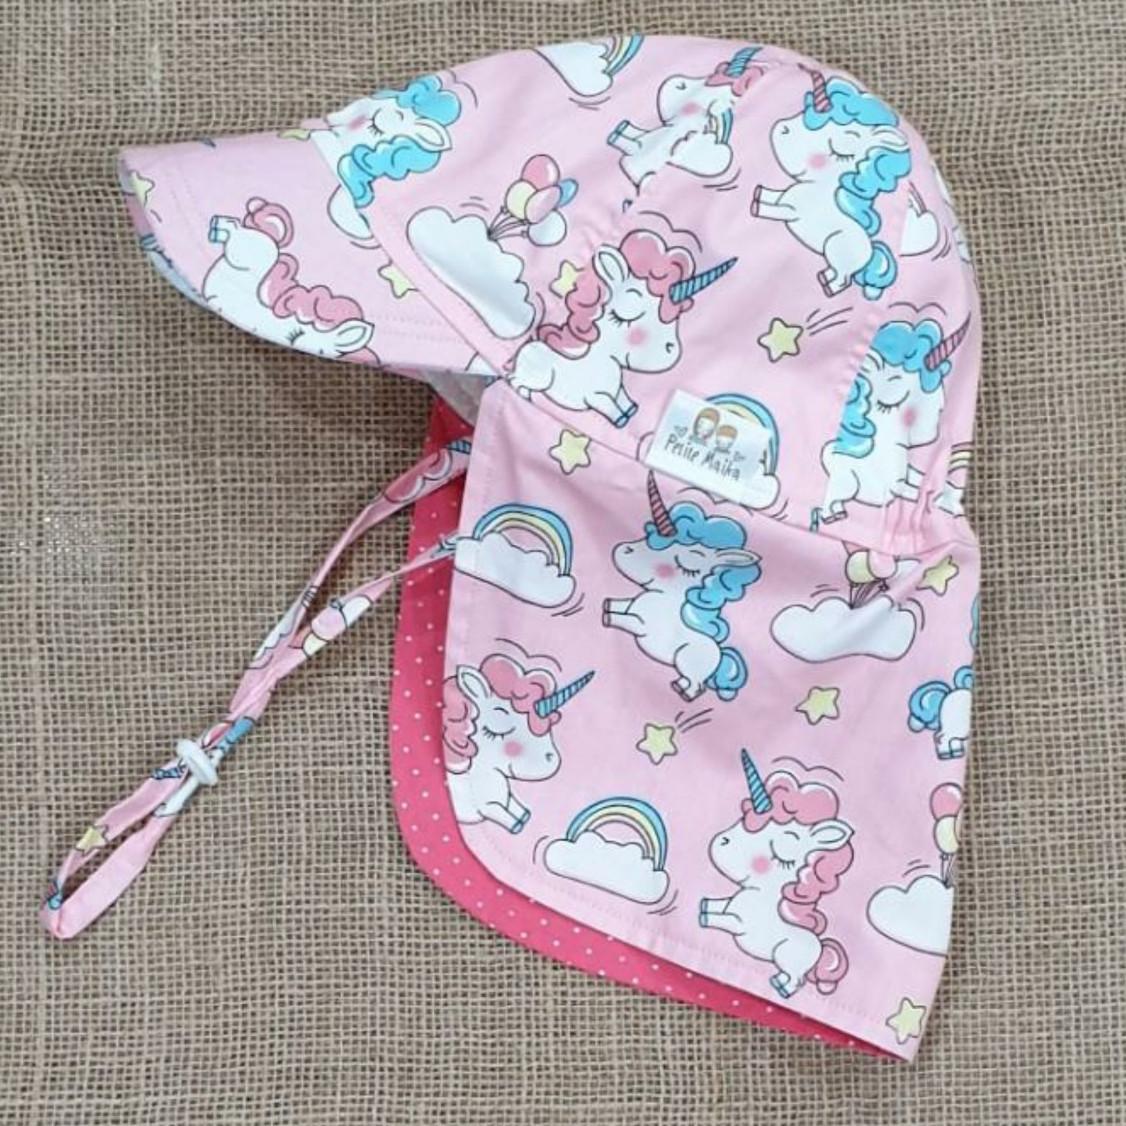 Mũ che gáy, mũ lưỡi trai có gáy hình pony (unicorn) màu hồng chống nắng, đi biển, dã ngoại cho bé từ 1-12 tuổi